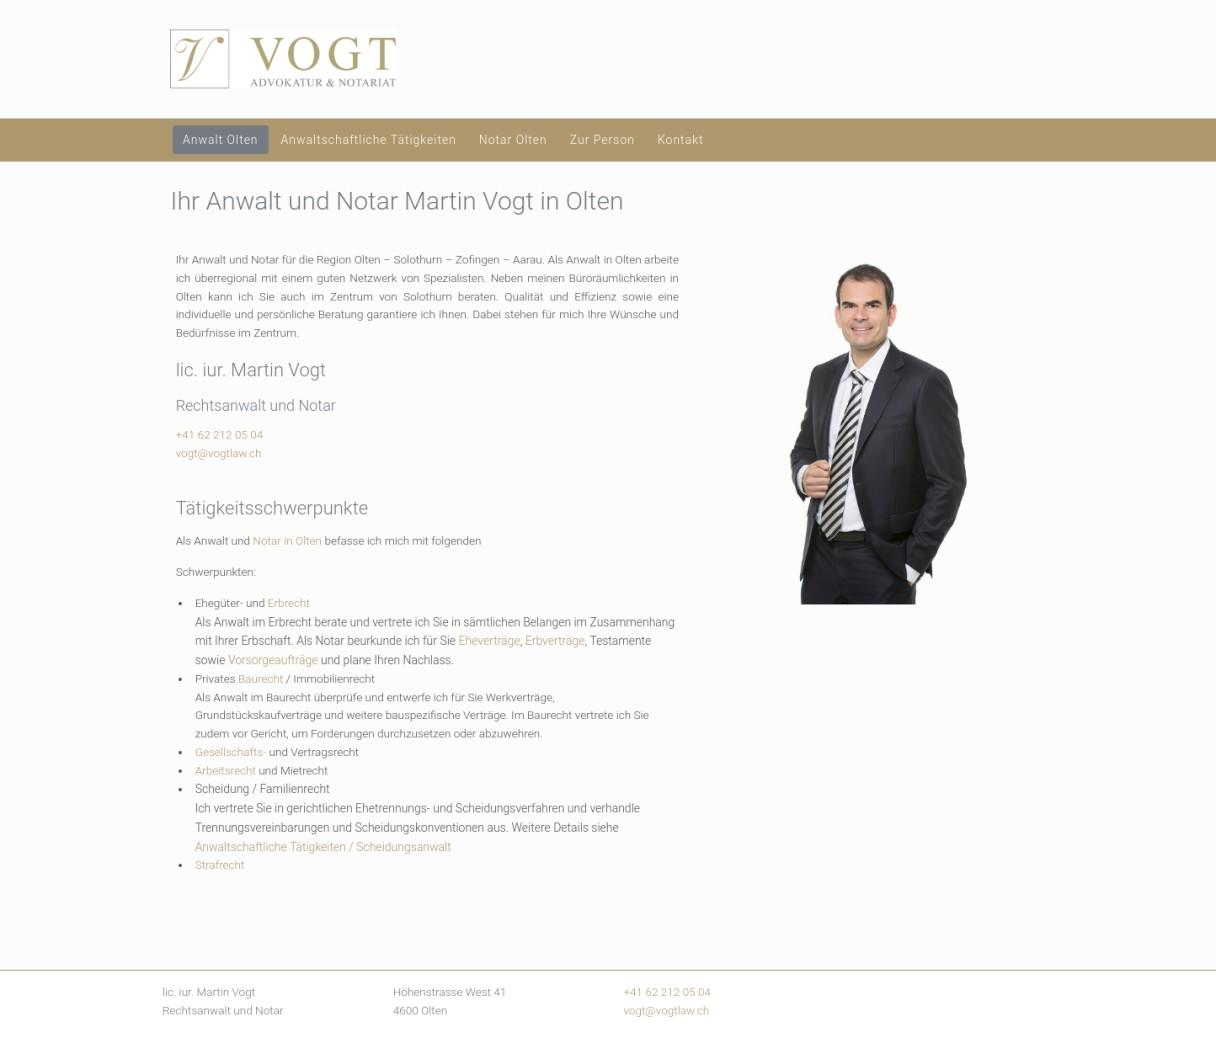 Anwalt Olten - VOGT Advokatur und Notariat